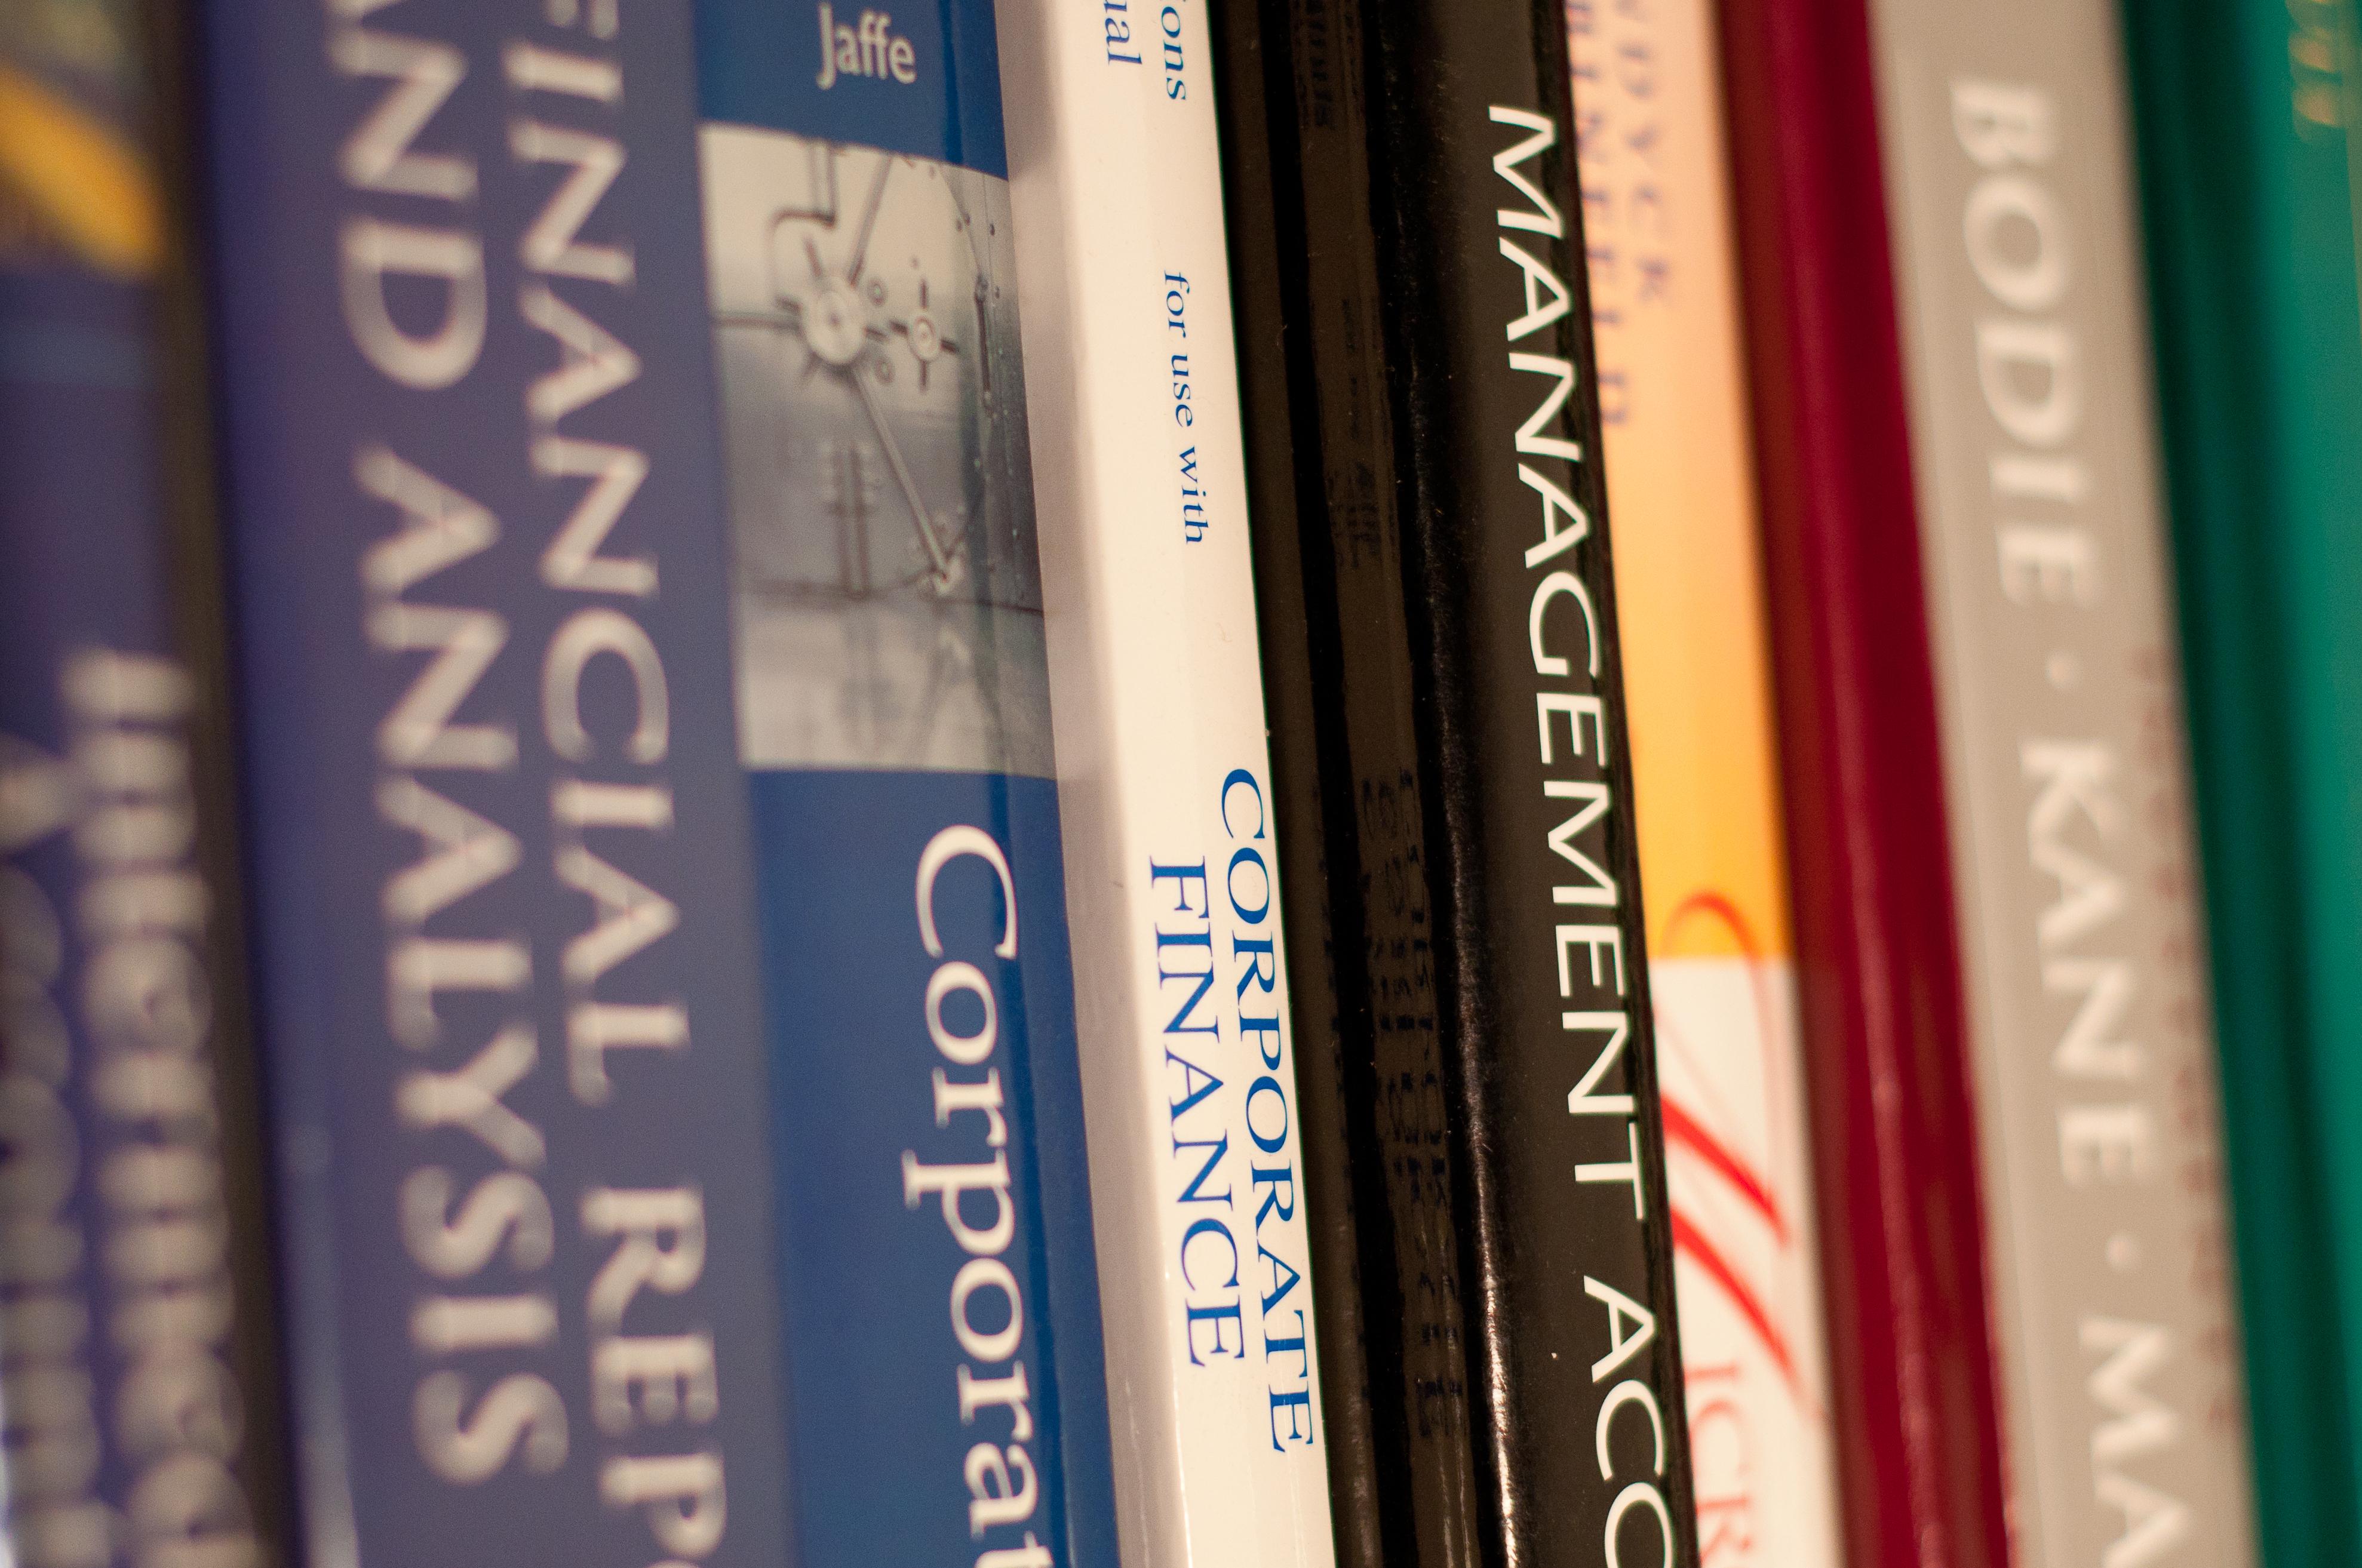 Класация на най-добрите книги за финансова грамотност през 2020 г.